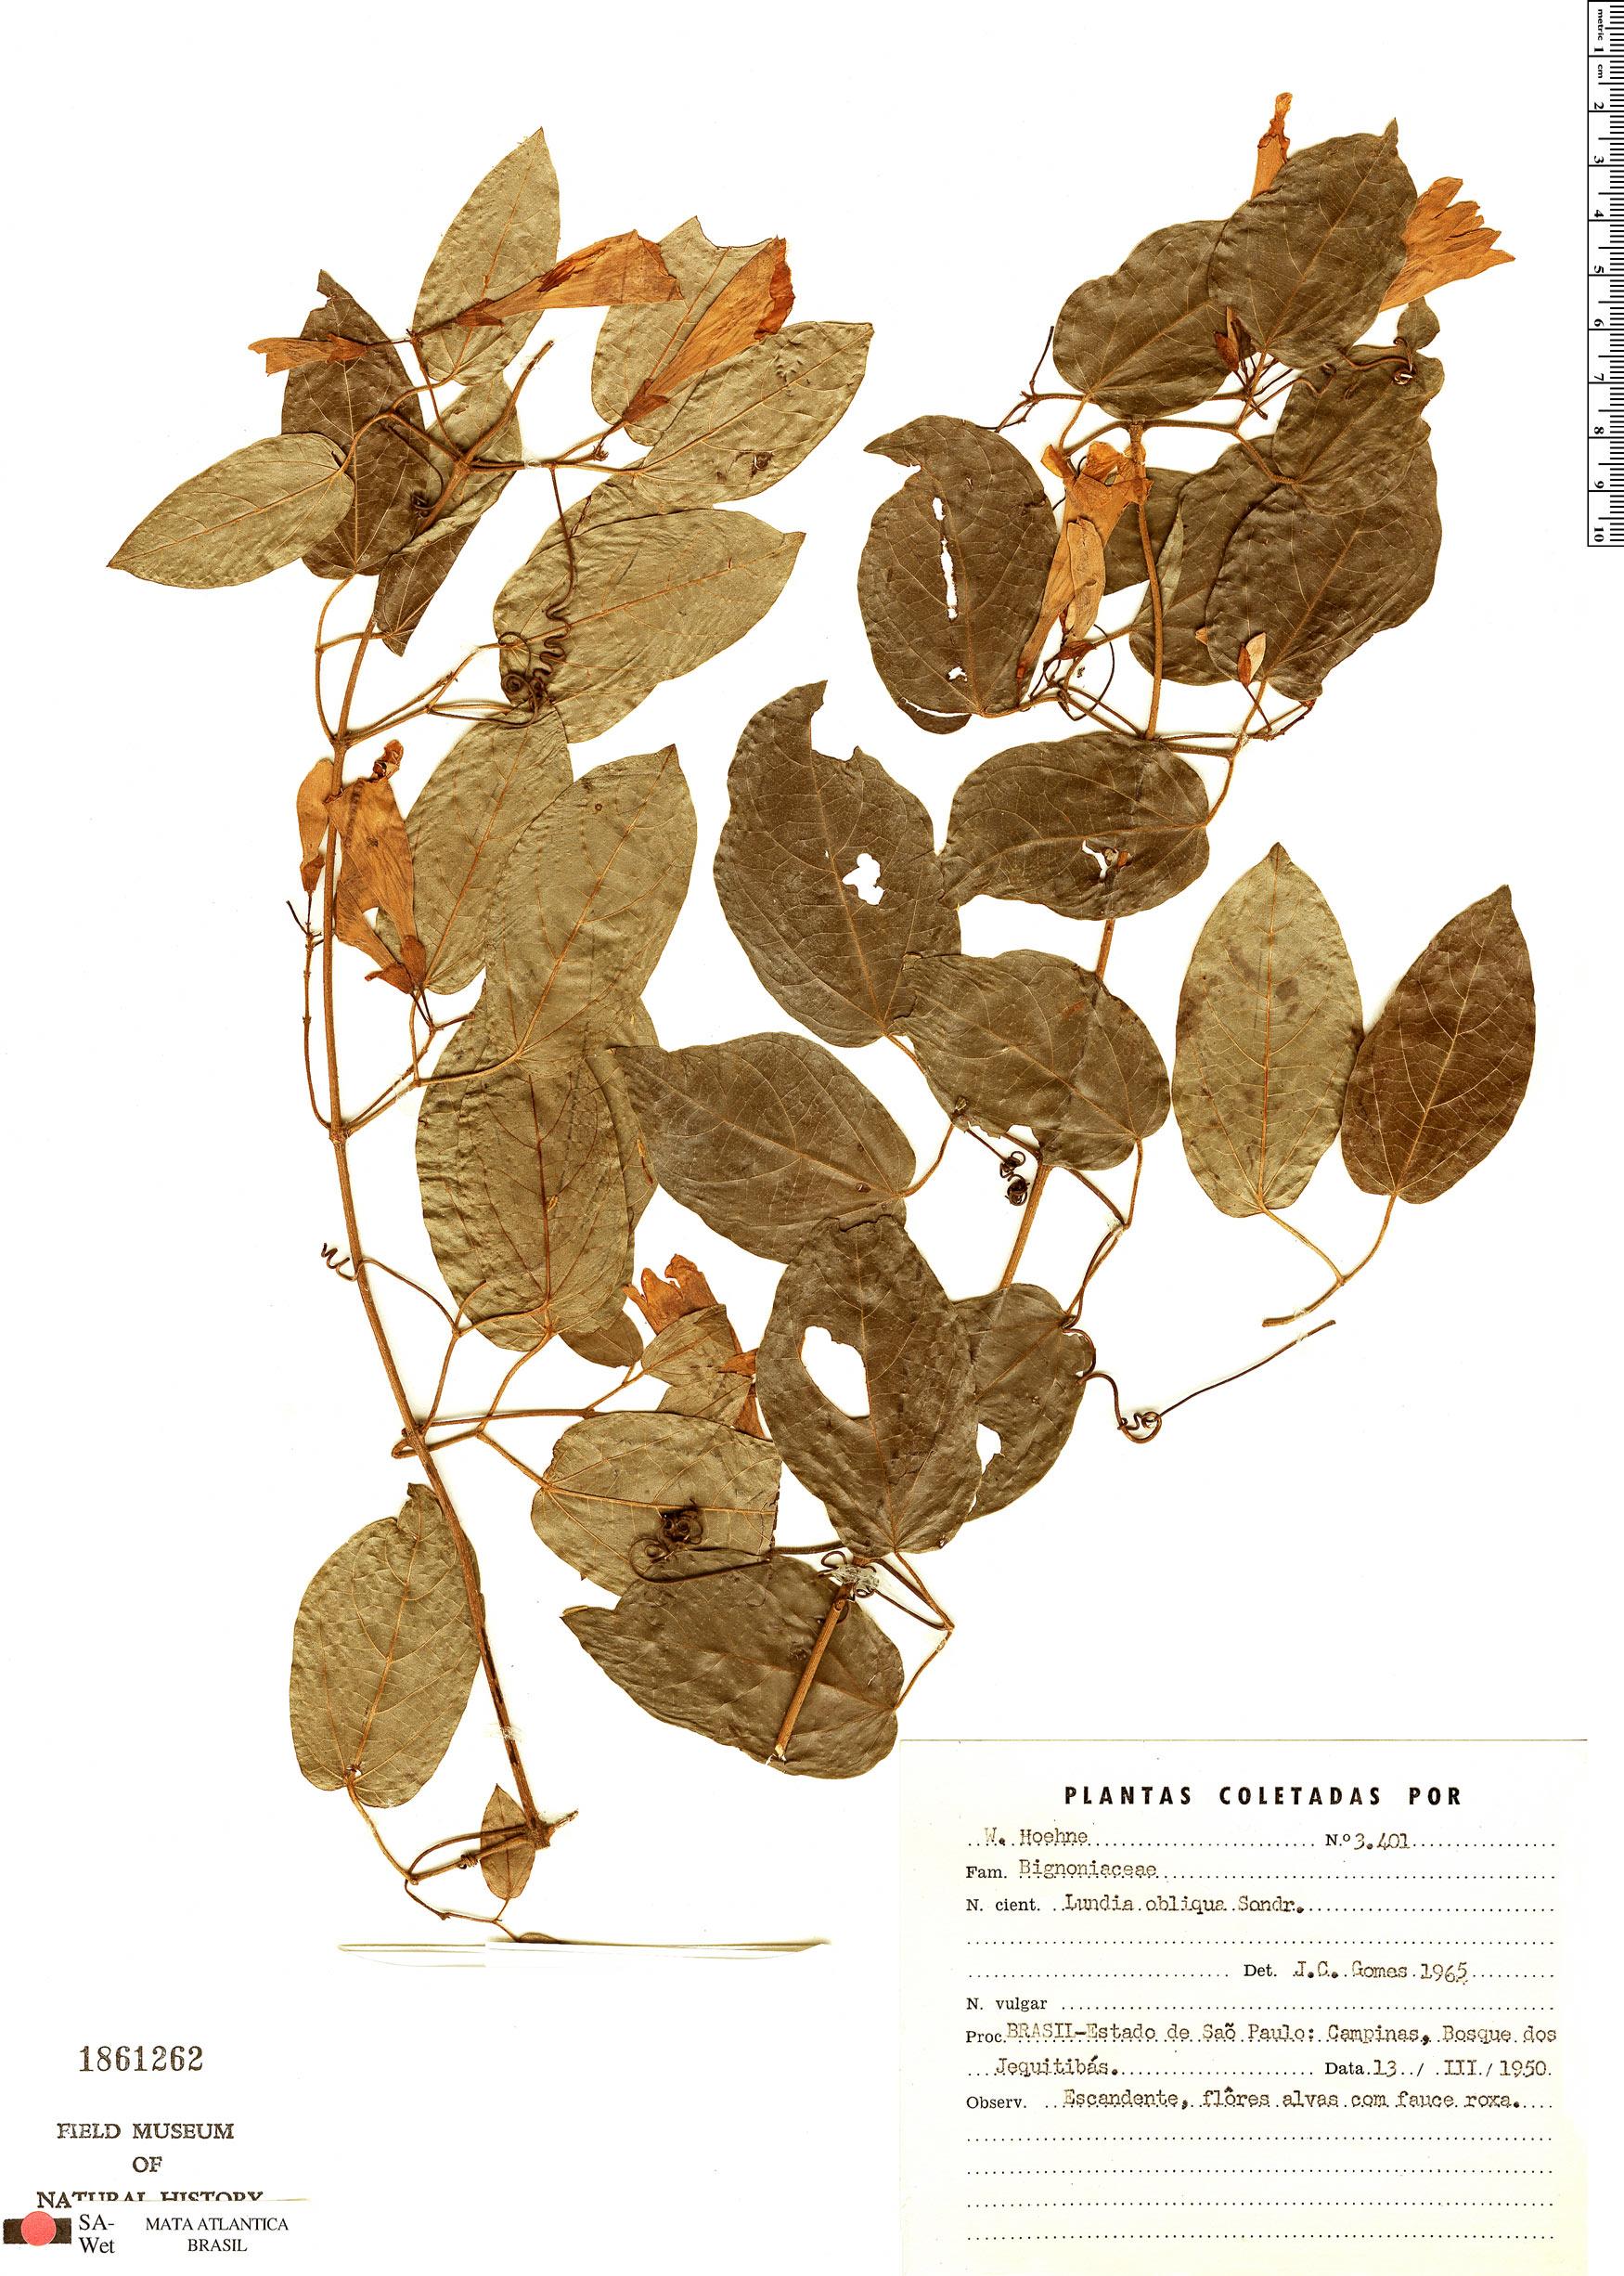 Specimen: Lundia obliqua